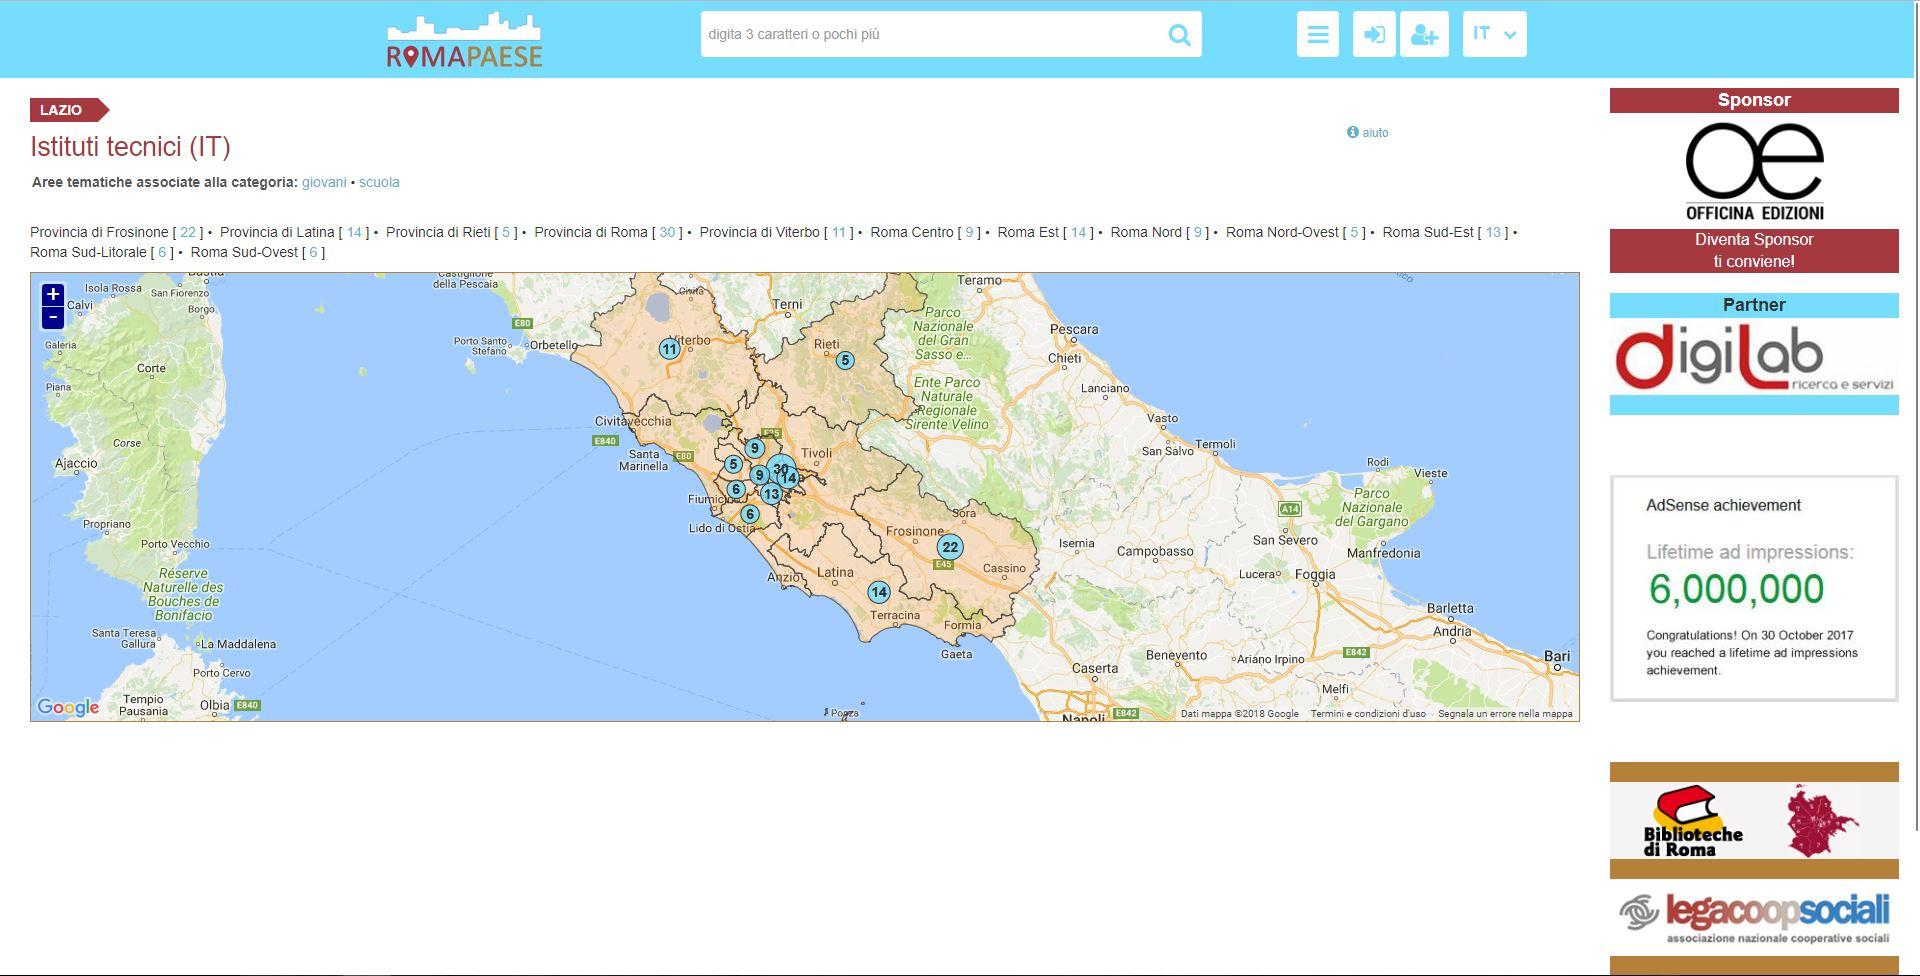 Istituti Tecnici nel Lazio